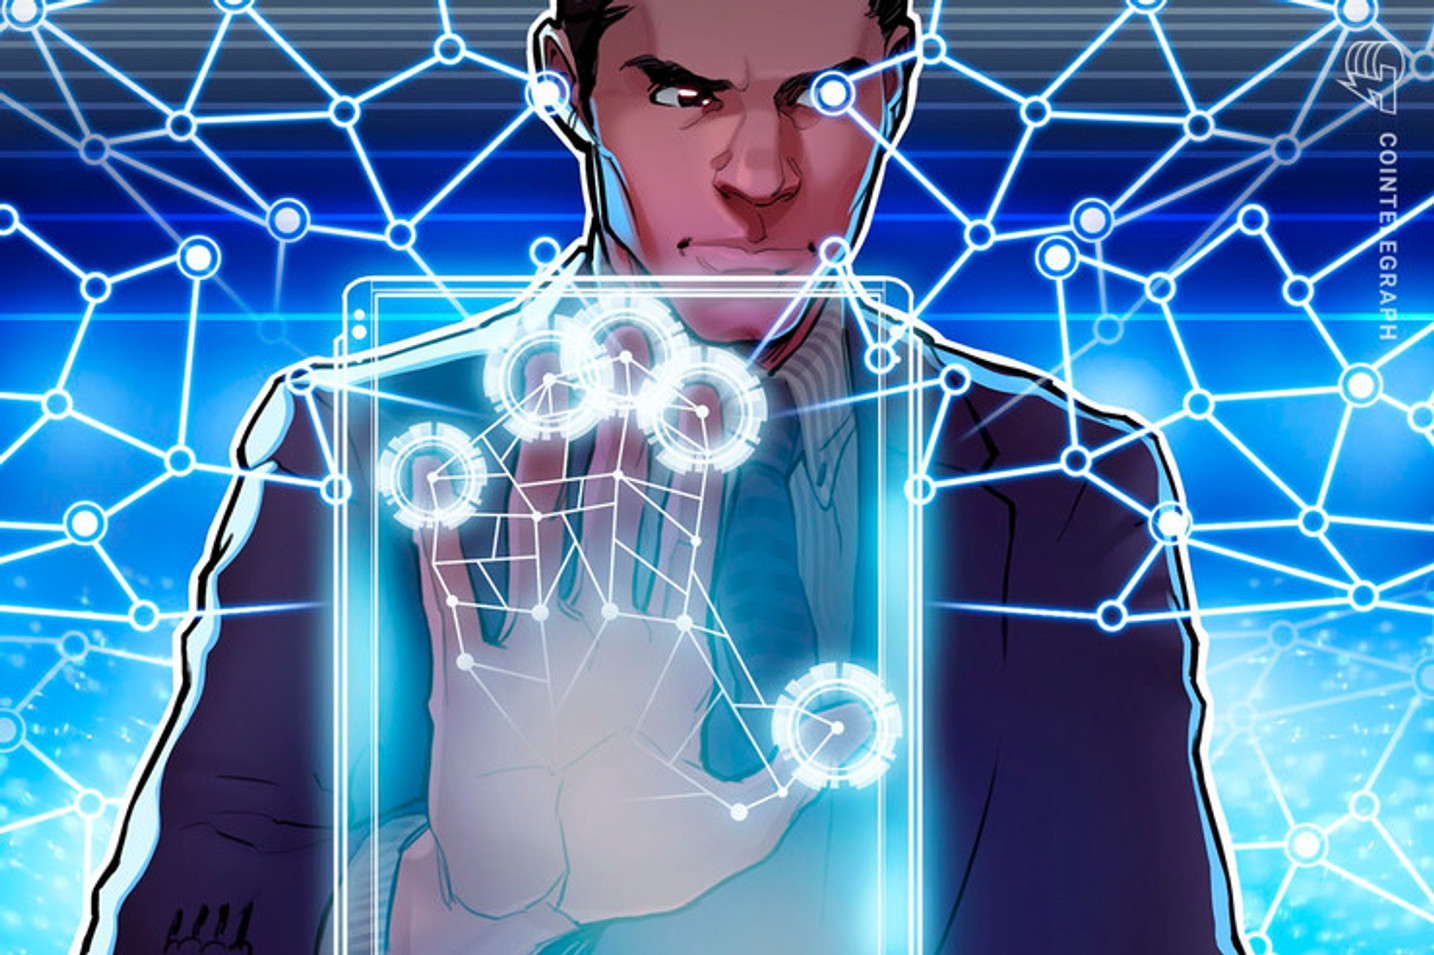 Seraph ID: Swisscom Blockchain startet digitale Identitätslösung auf NEO-Blockchain